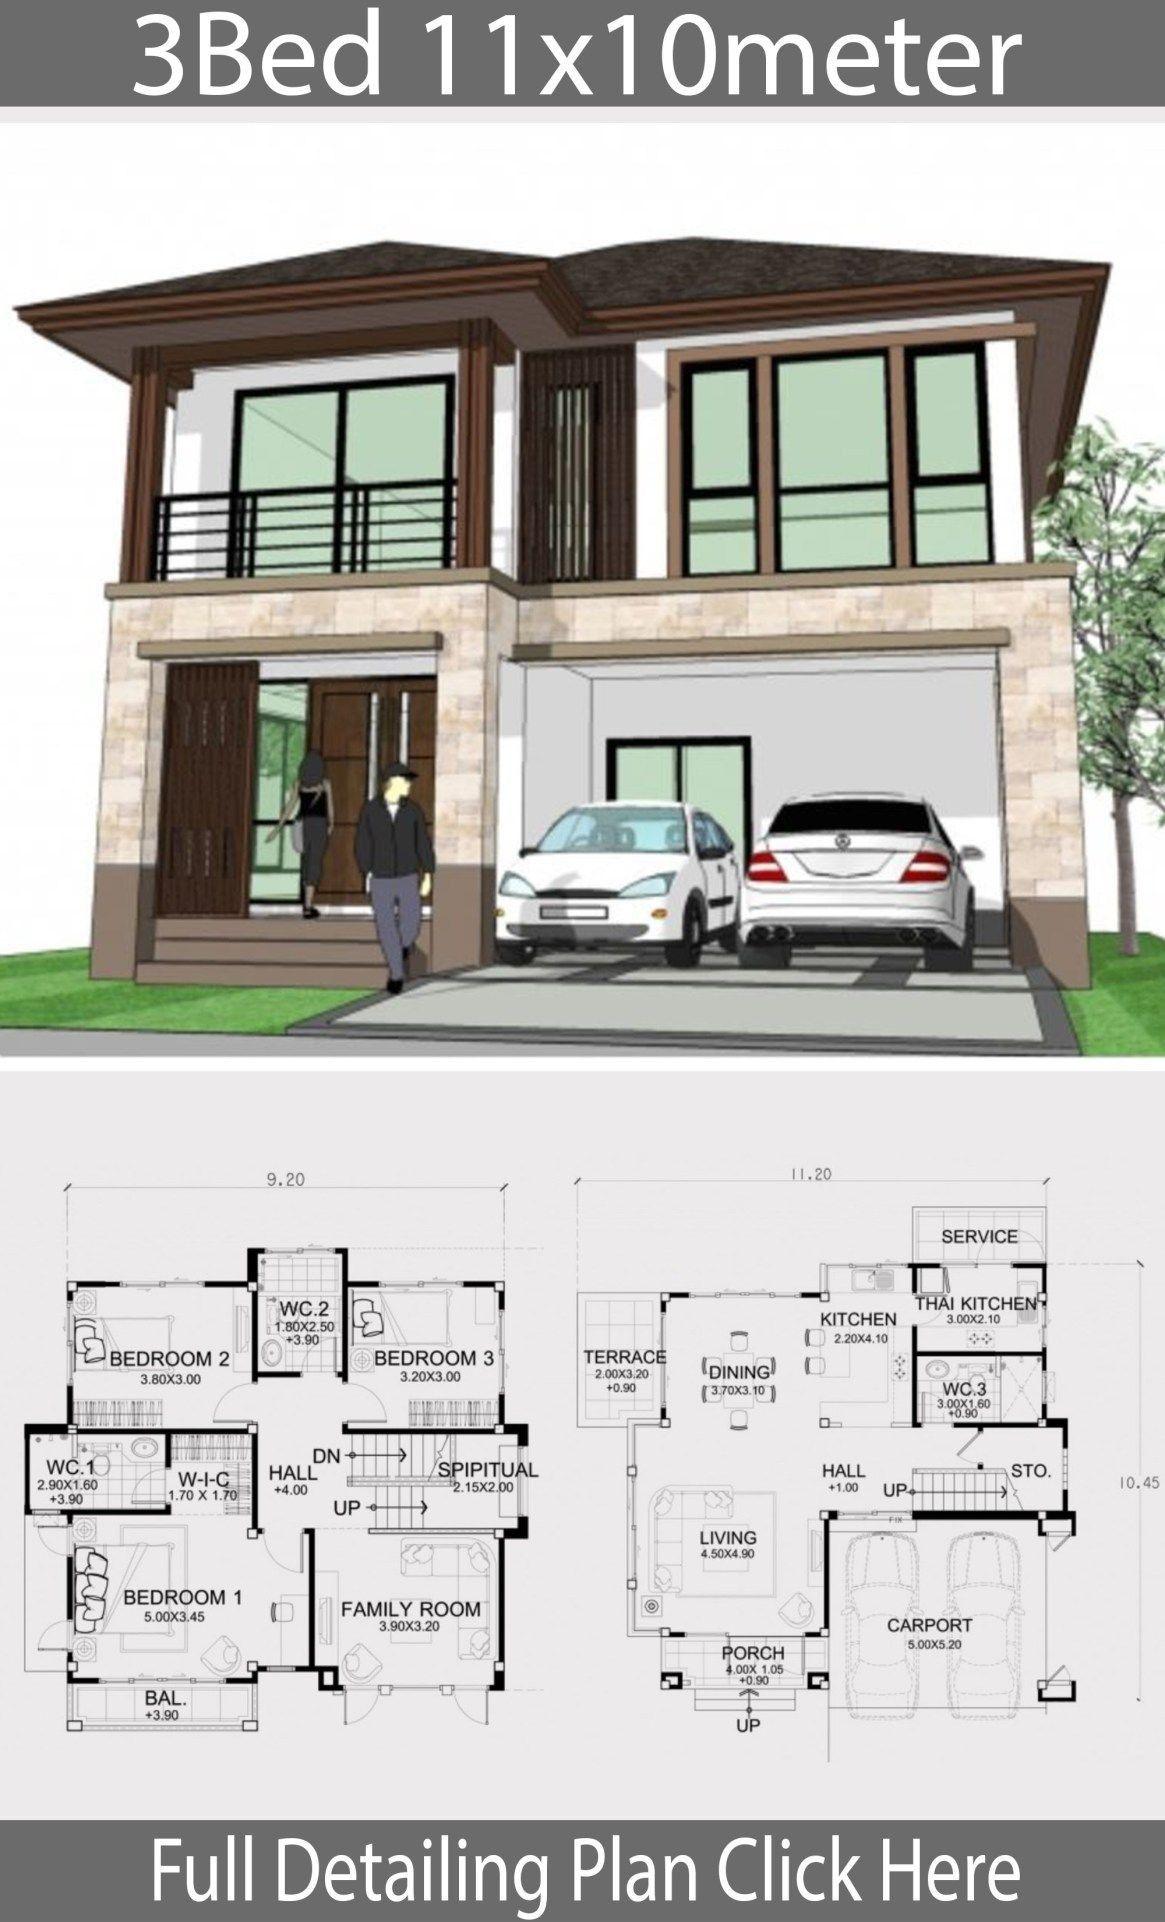 Simple But Elegant House Plans Simple But Elegant House Plans 2021 Lovely Simple Tiny Ho Contemporary House Plans Small House Design Plans House Floor Design